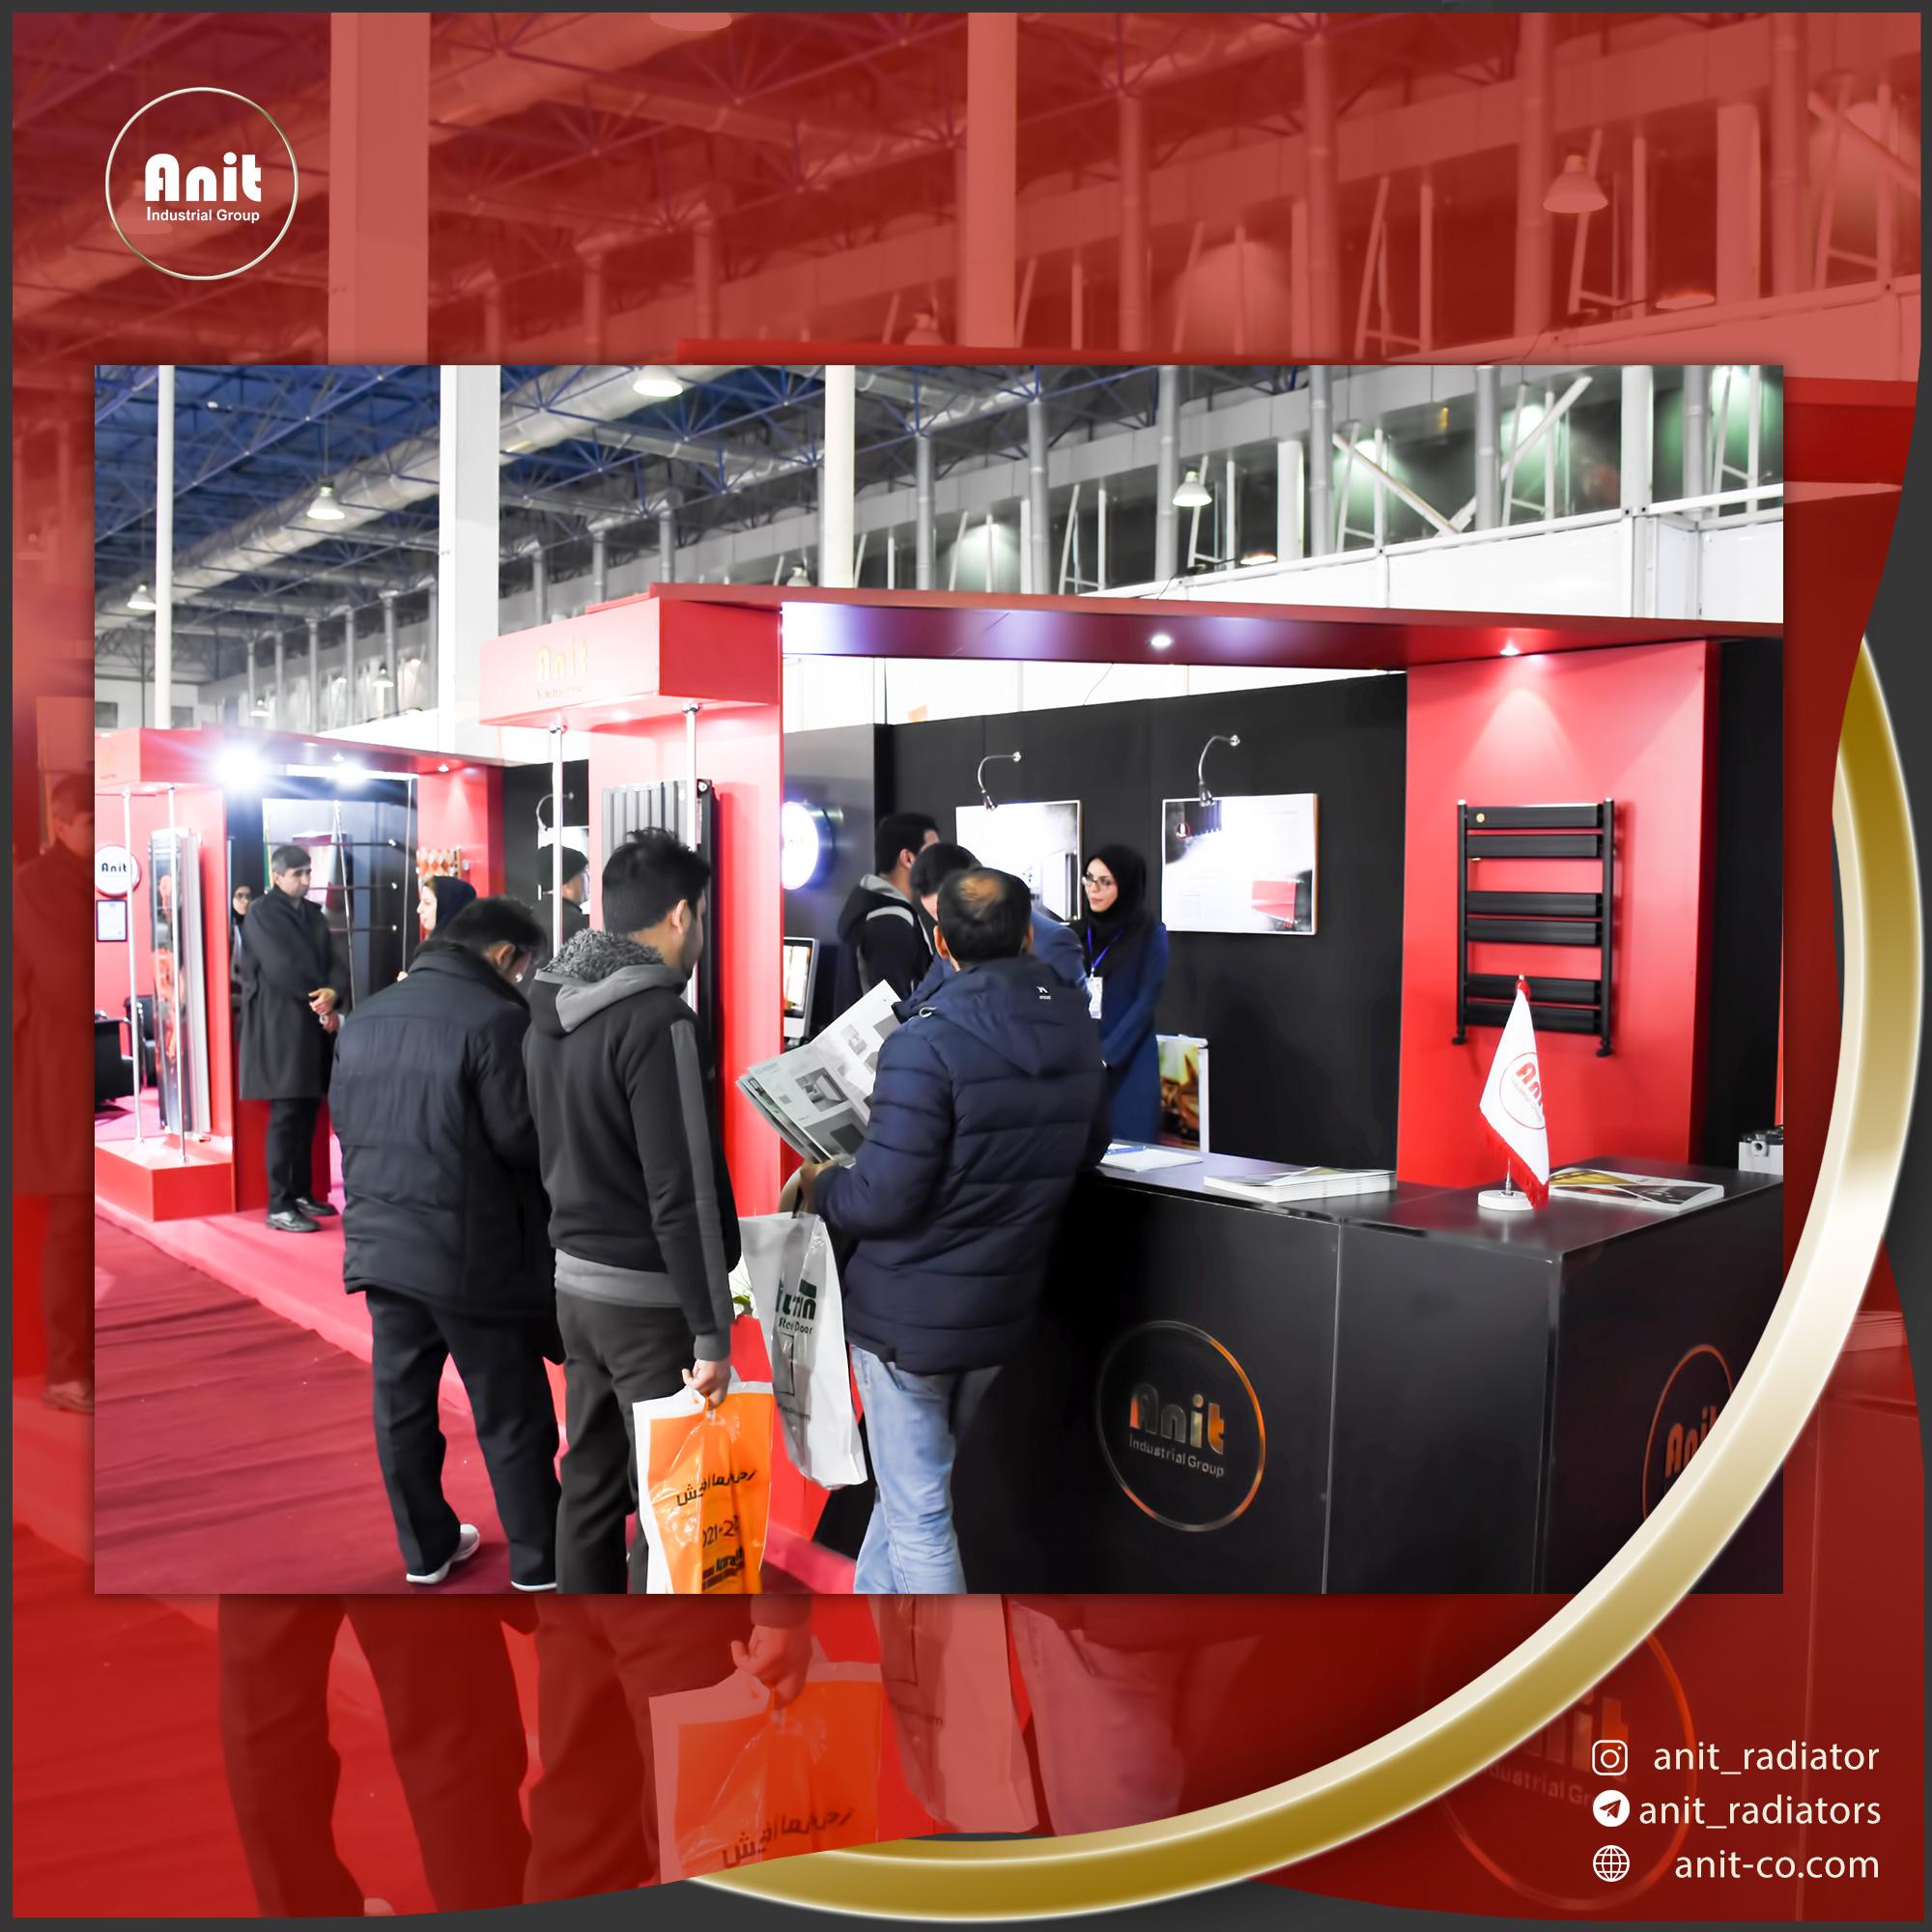 حضور آنیت در بیست و دومین نمایشگاه بین المللی صنعت ساختمان و تاسیسات مشهد